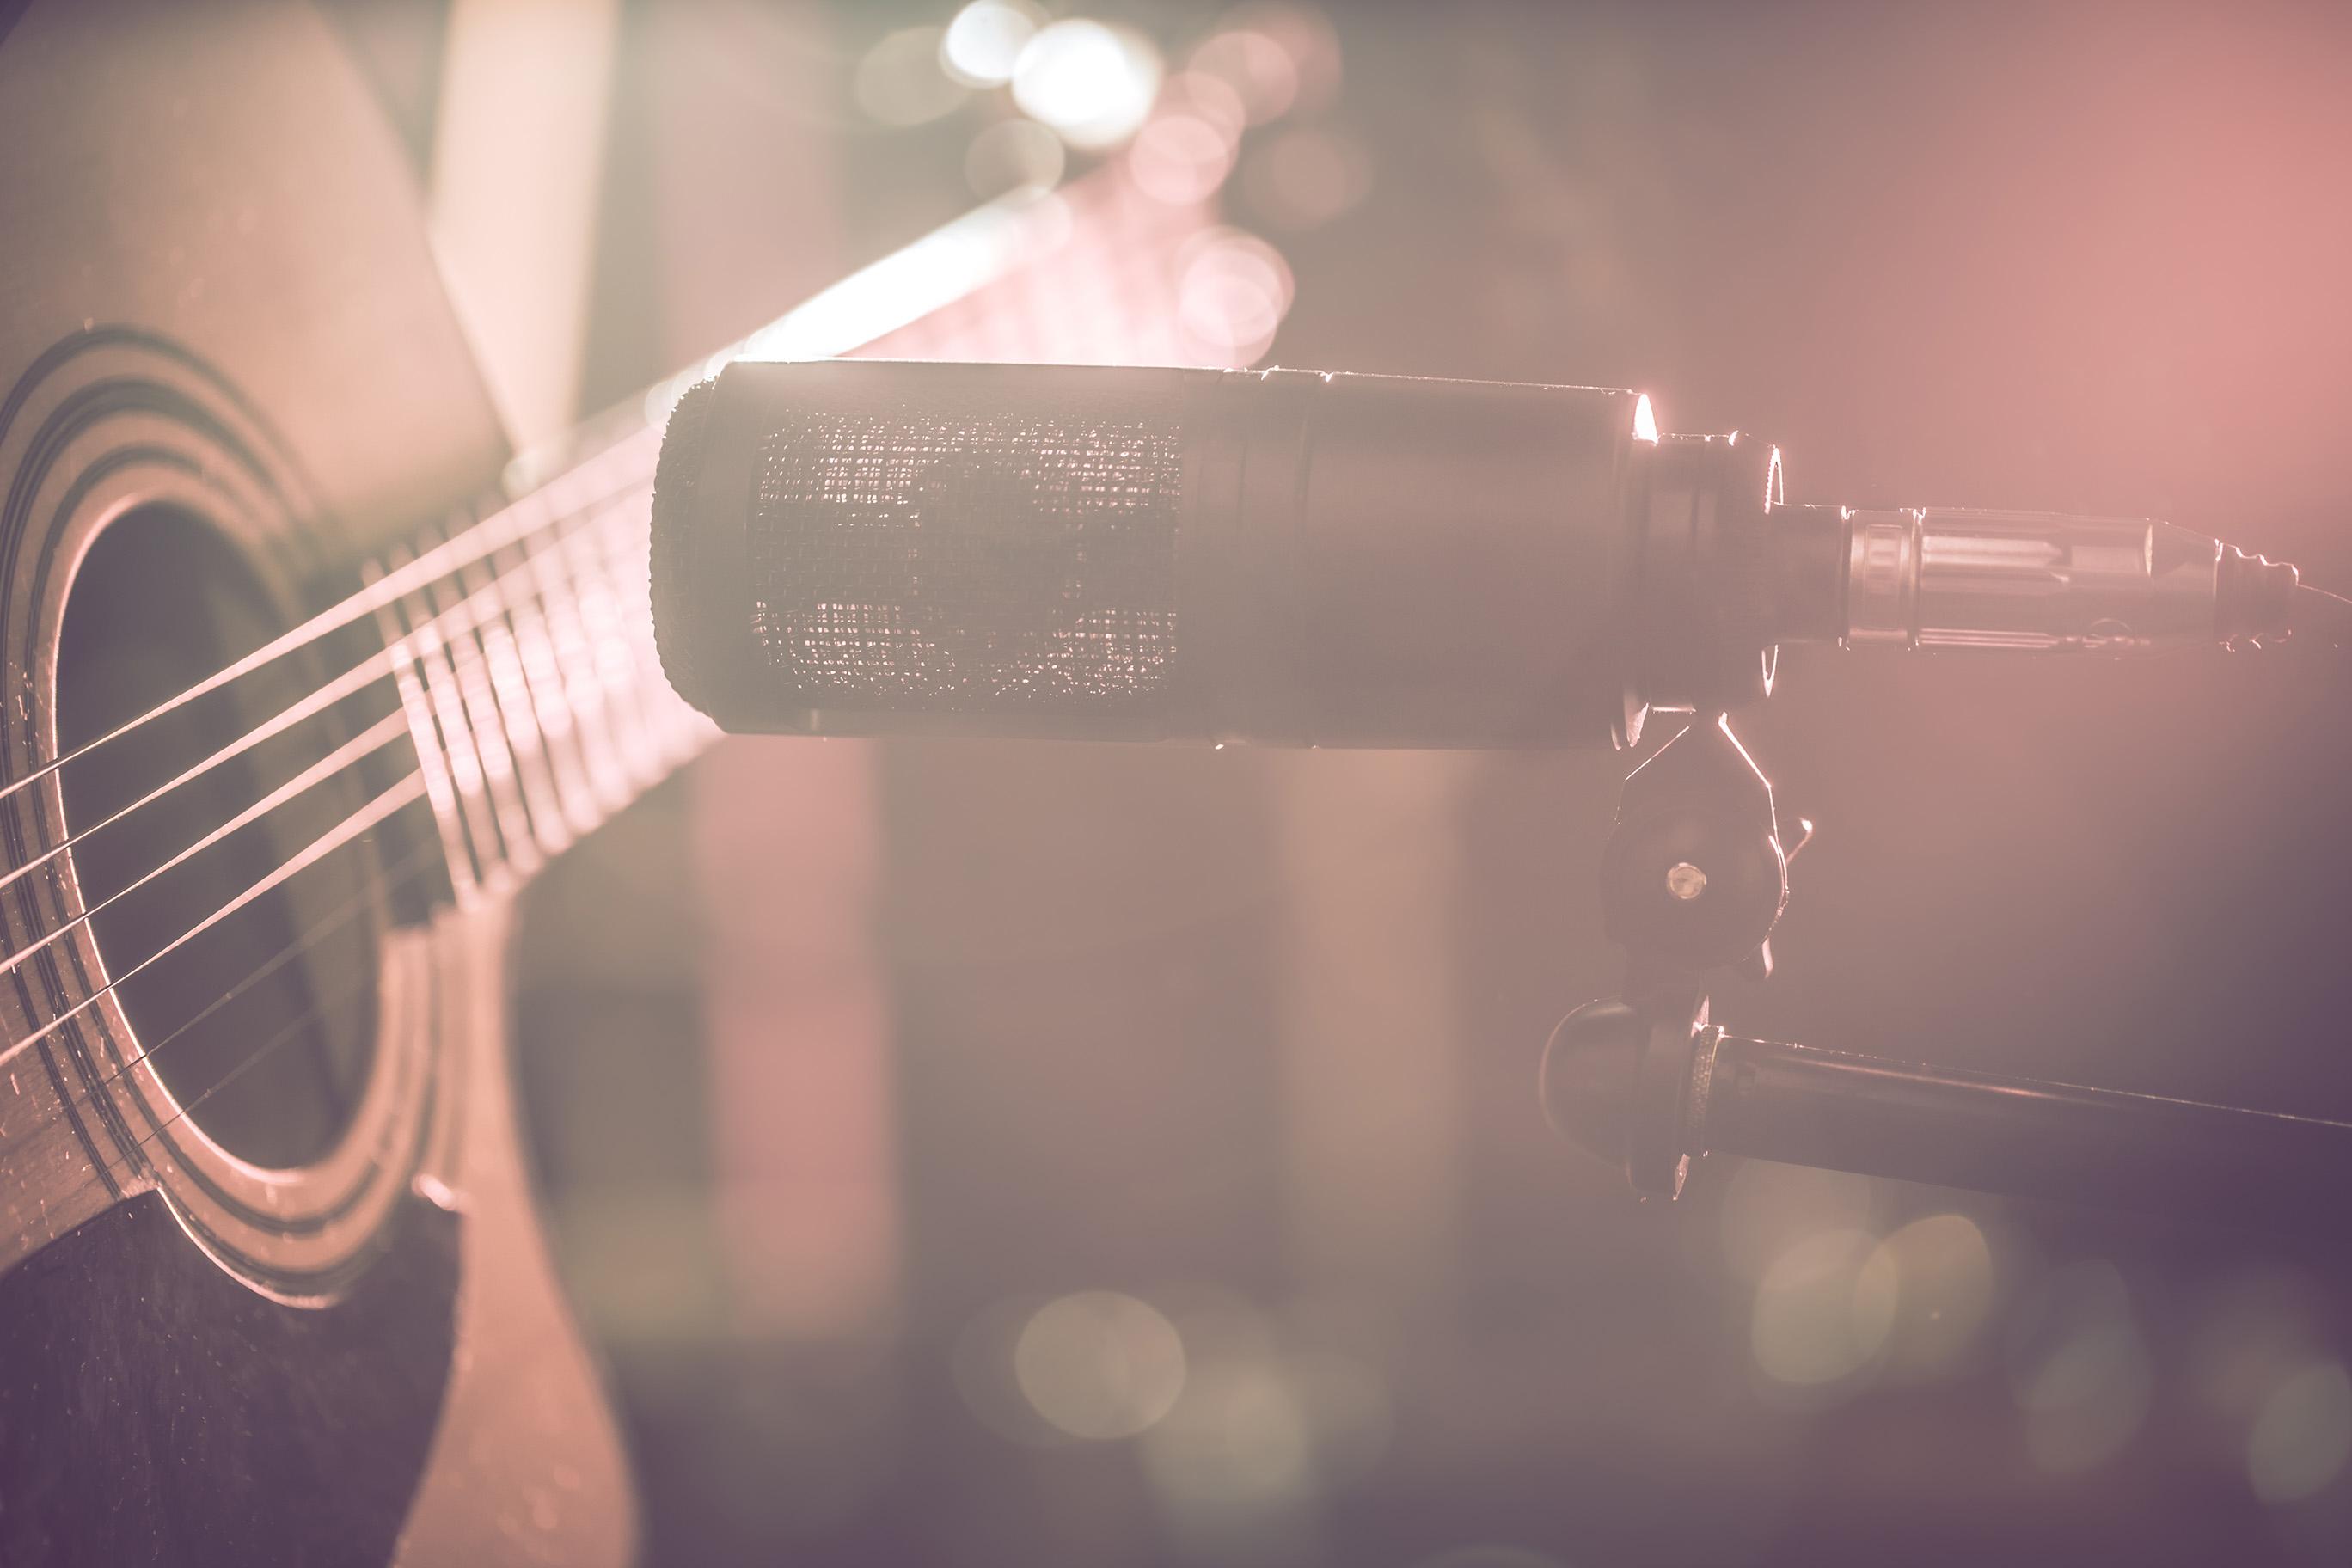 Guitar in Recording Studio